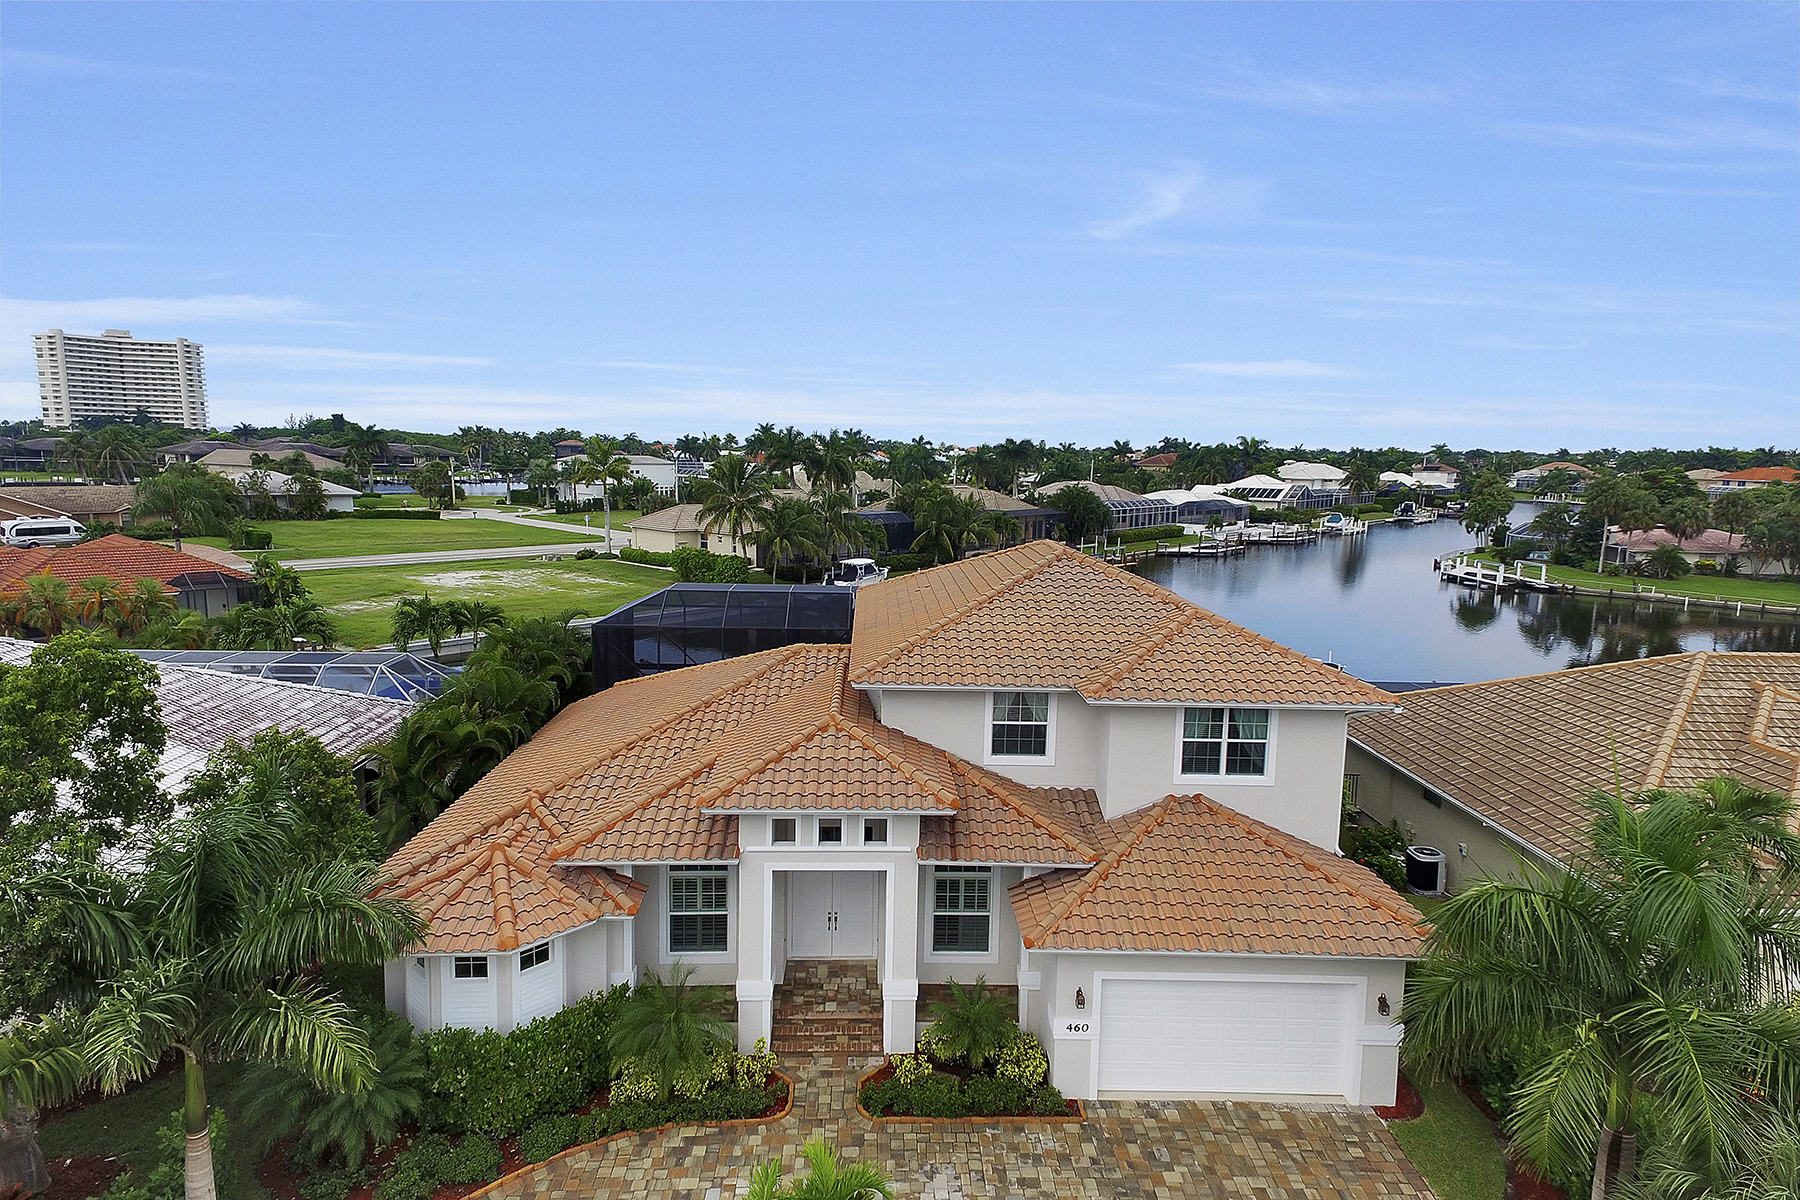 Tek Ailelik Ev için Satış at MARCO ISLAND 460 Century Dr Marco Island, Florida, 34145 Amerika Birleşik Devletleri